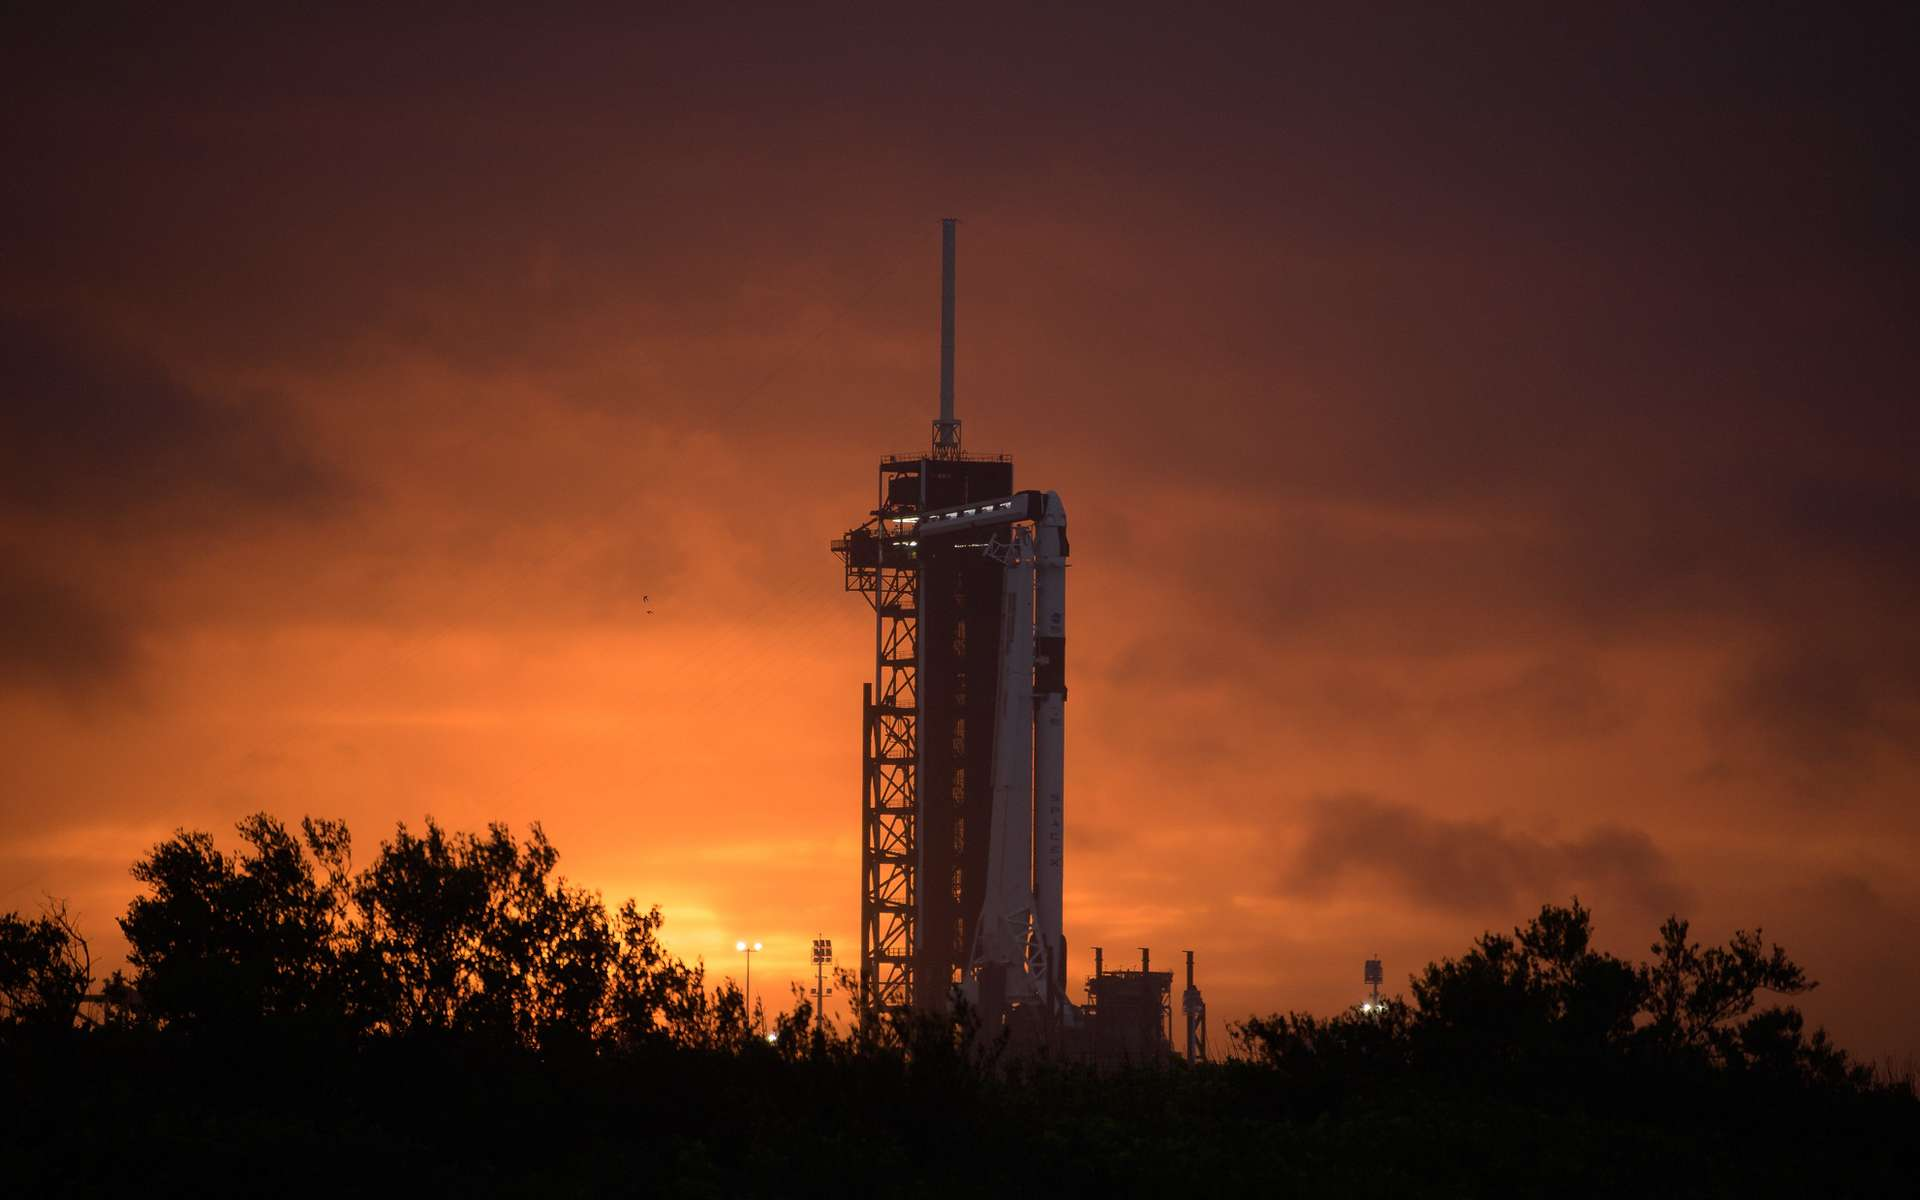 La fusée Falcon 9 sur le pas de tire 39A © NASA/Bill Ingalls